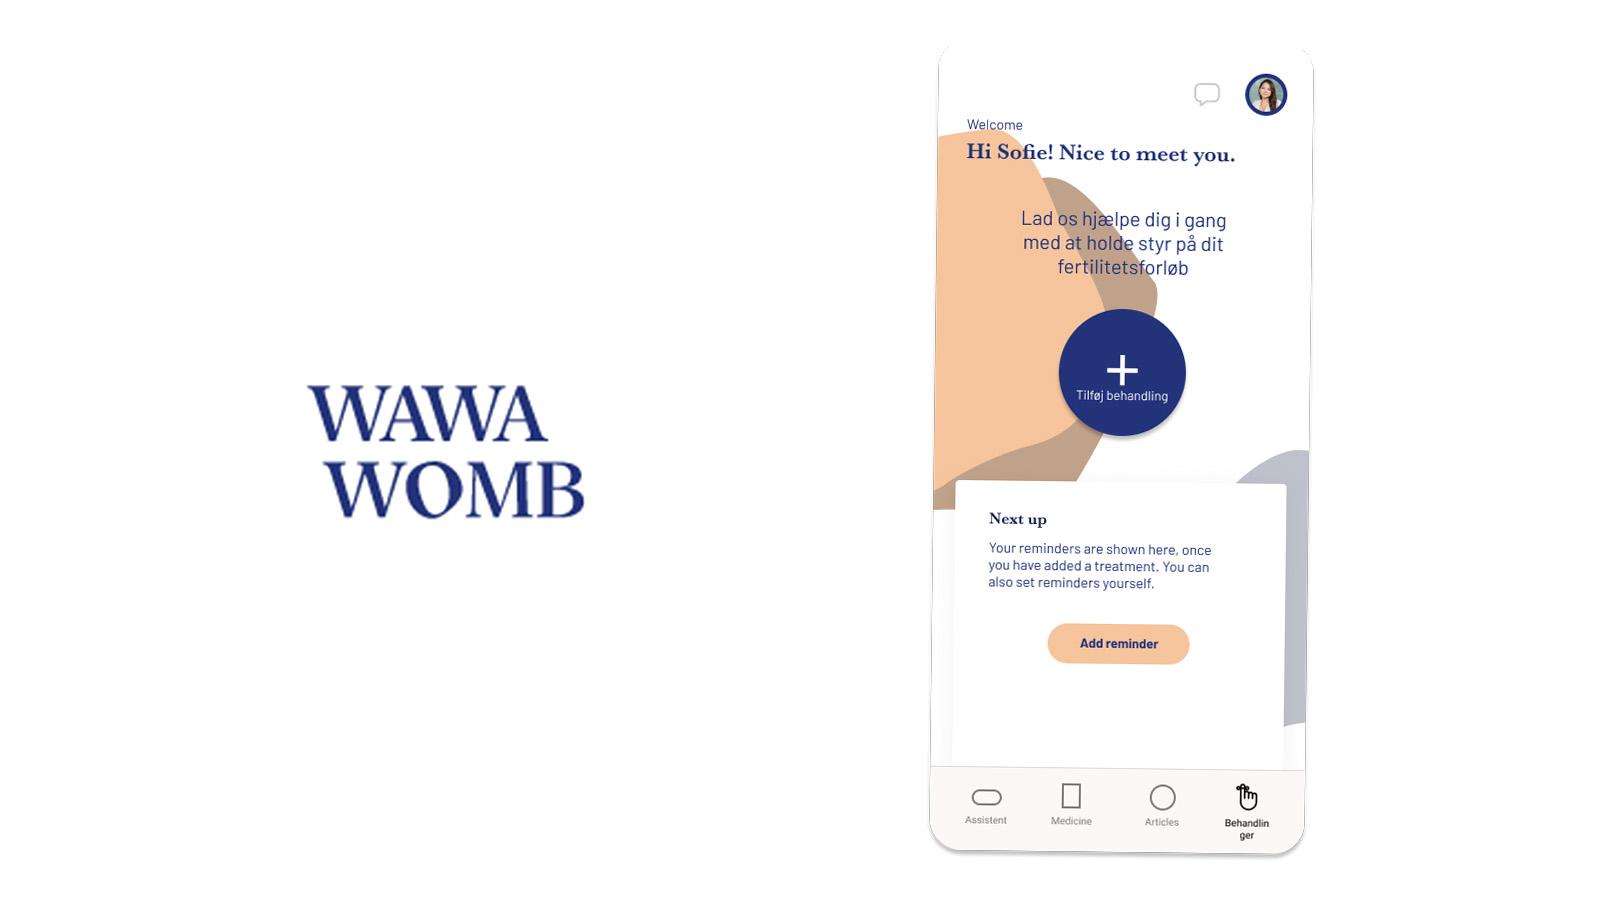 Wawawomb